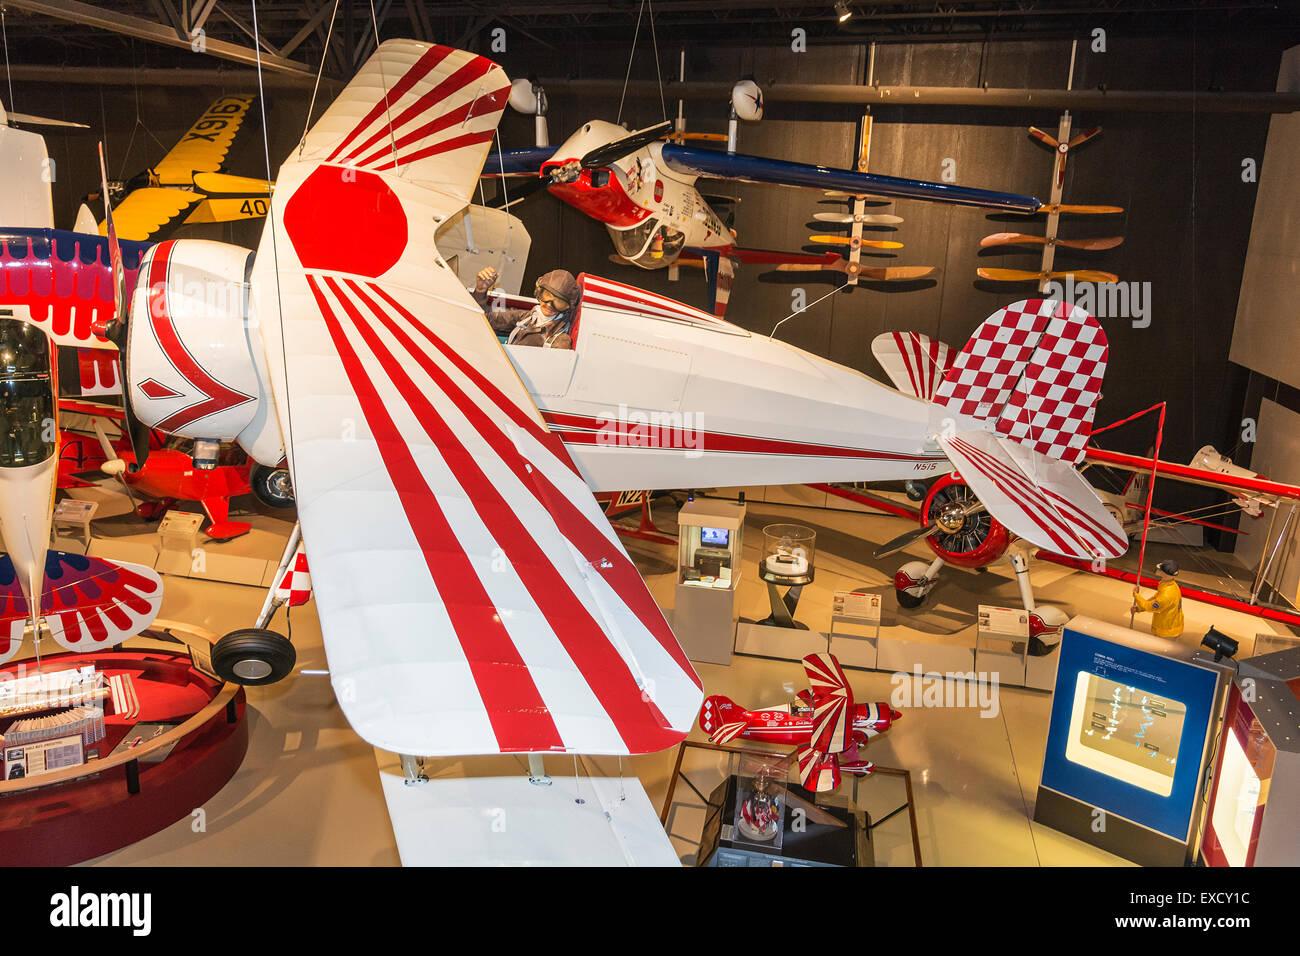 Wisconsin, Oshkosh, Experimental Aircraft Association, EAA